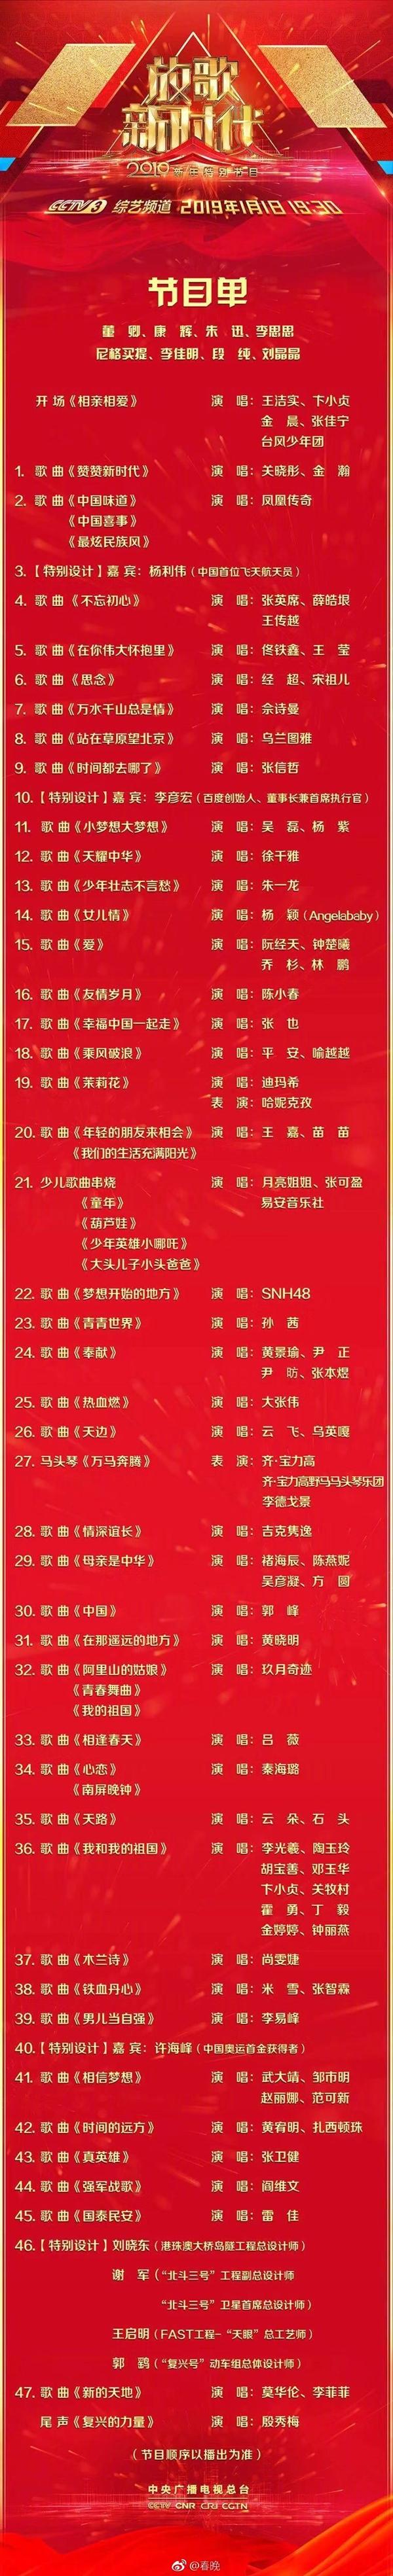 2019央视元旦晚会节目单公布:百度李彦宏登台